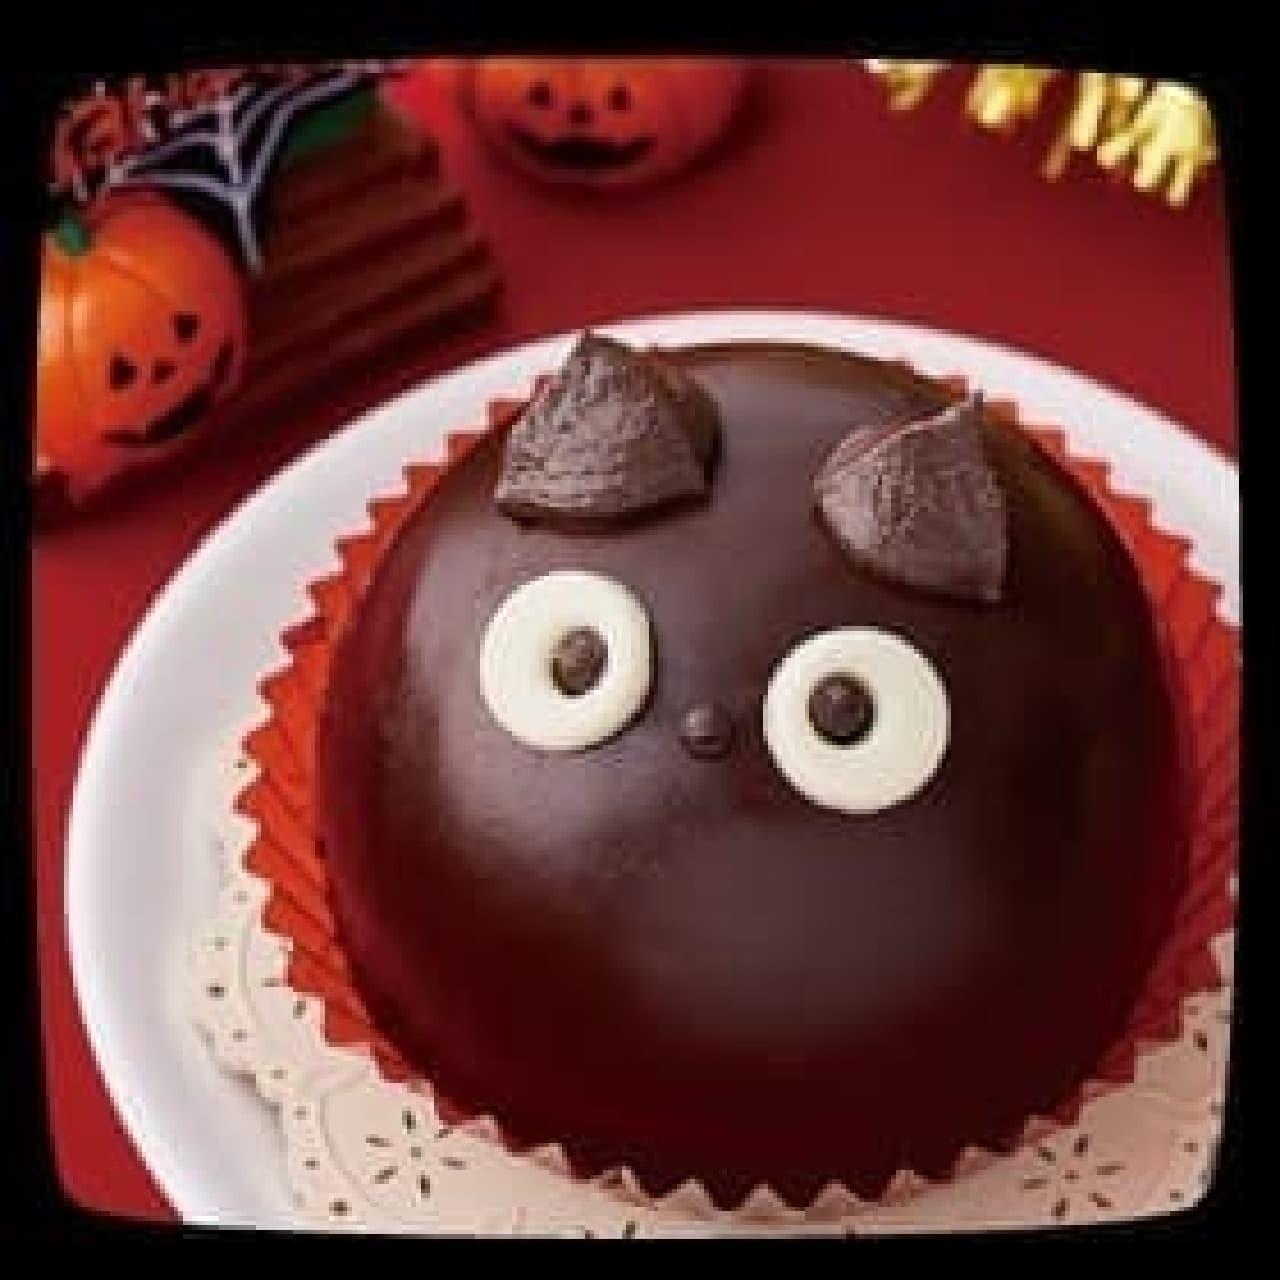 セブン-イレブン「ハロウィン 黒猫チョコケーキ」